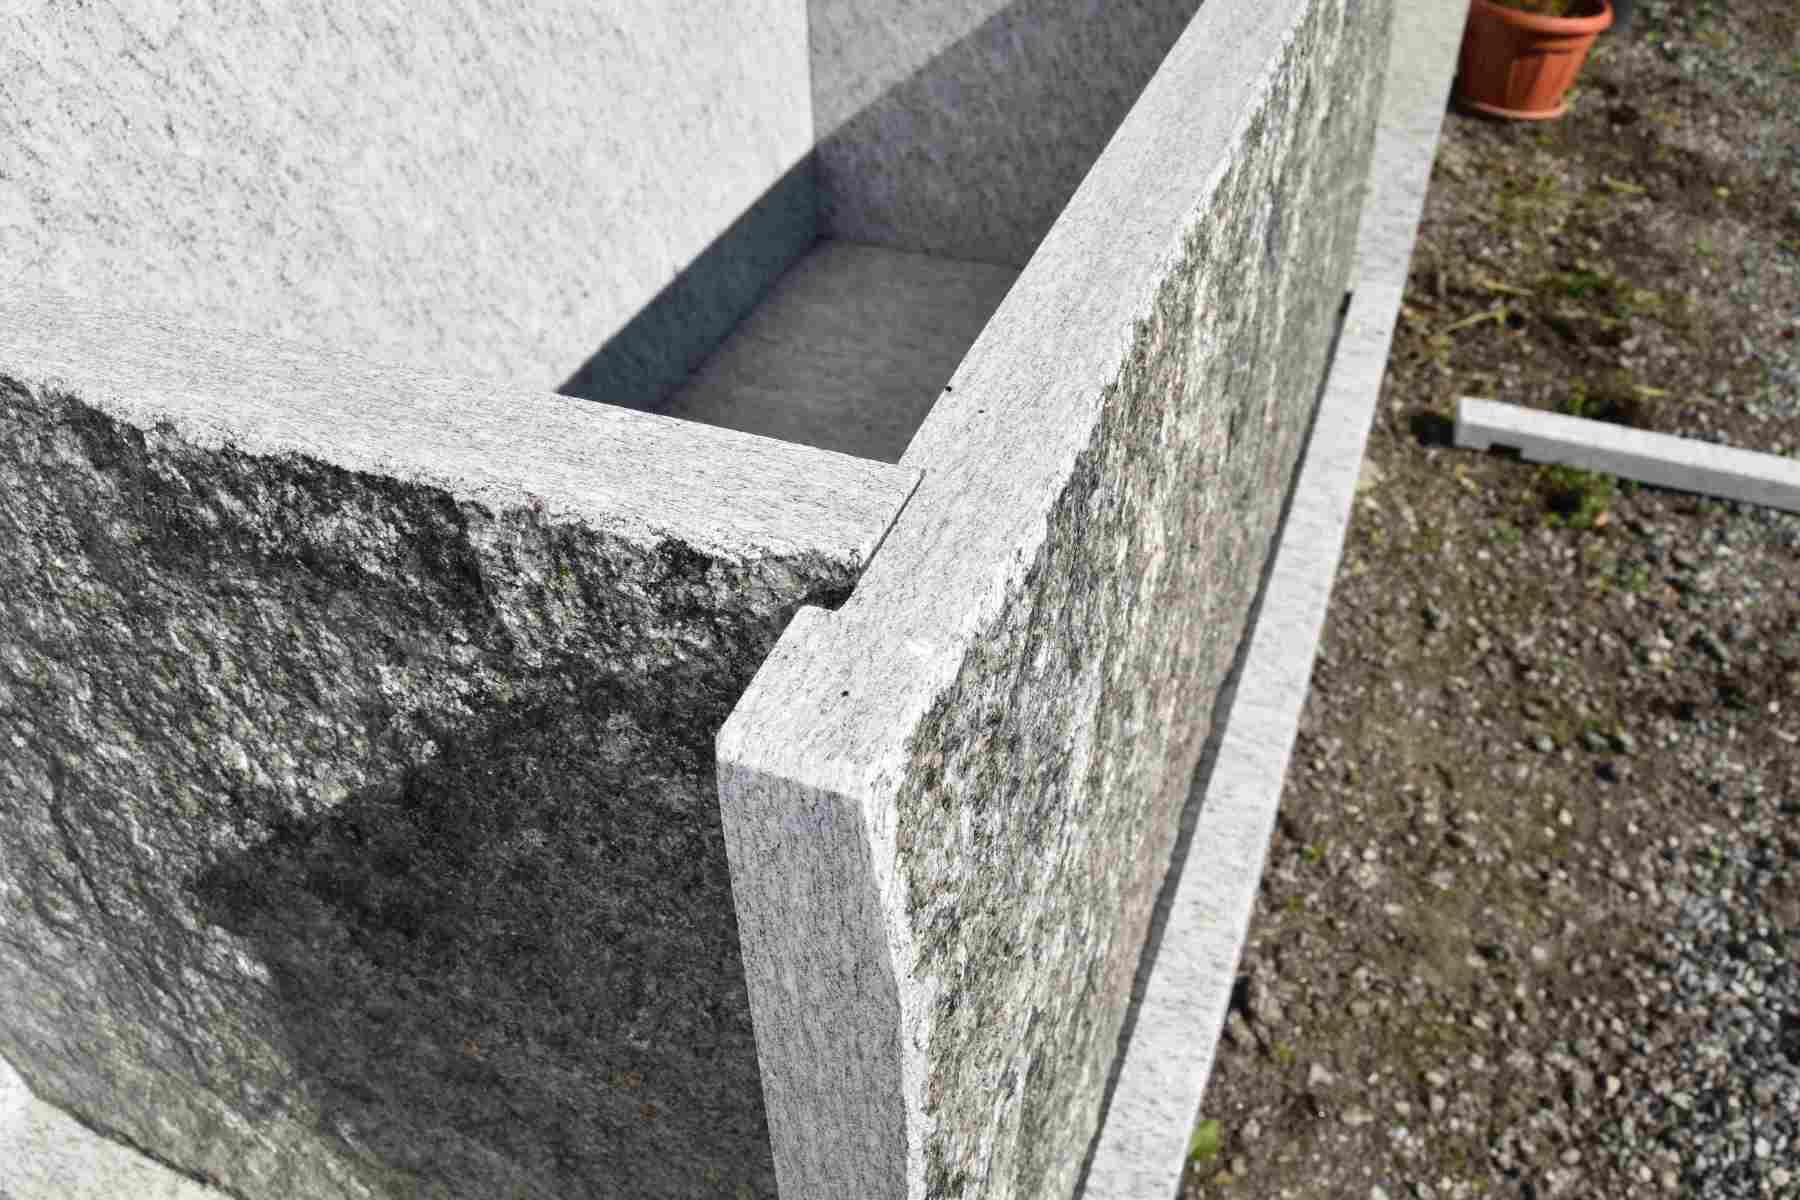 Tessiner-Brunnen-03-Ecke-Detail-BSI_0160